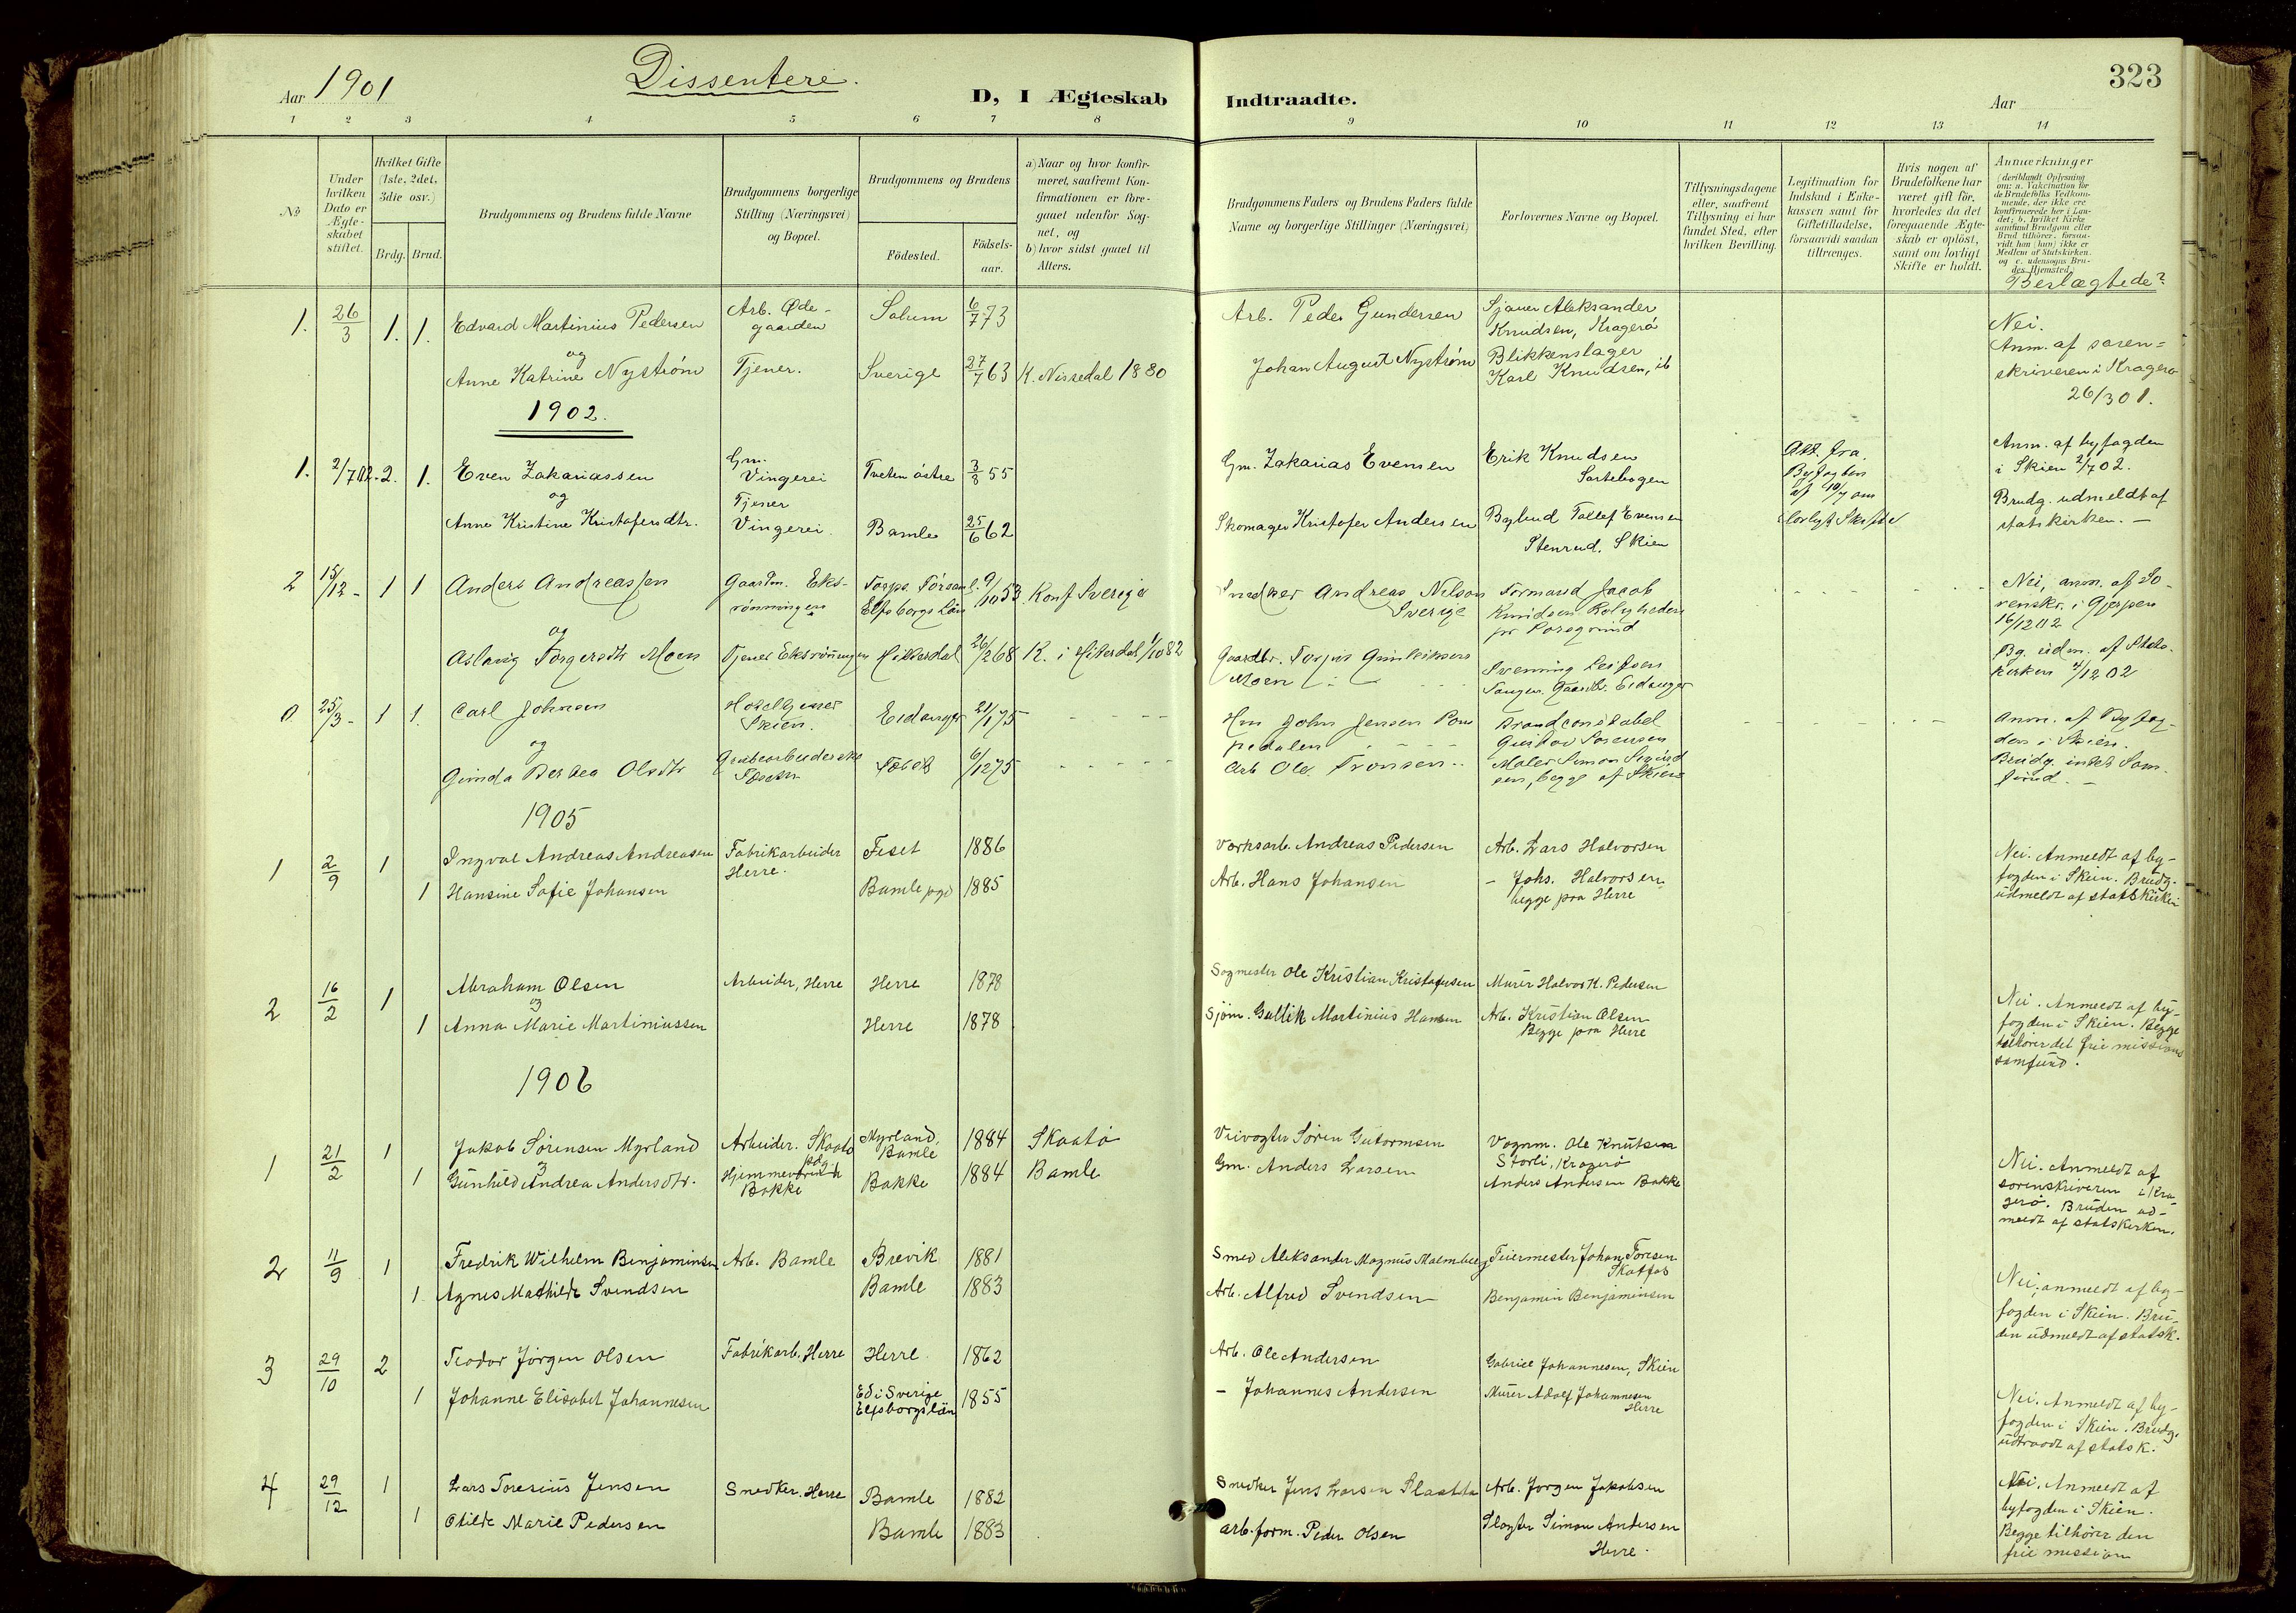 SAKO, Bamble kirkebøker, G/Ga/L0010: Klokkerbok nr. I 10, 1901-1919, s. 323